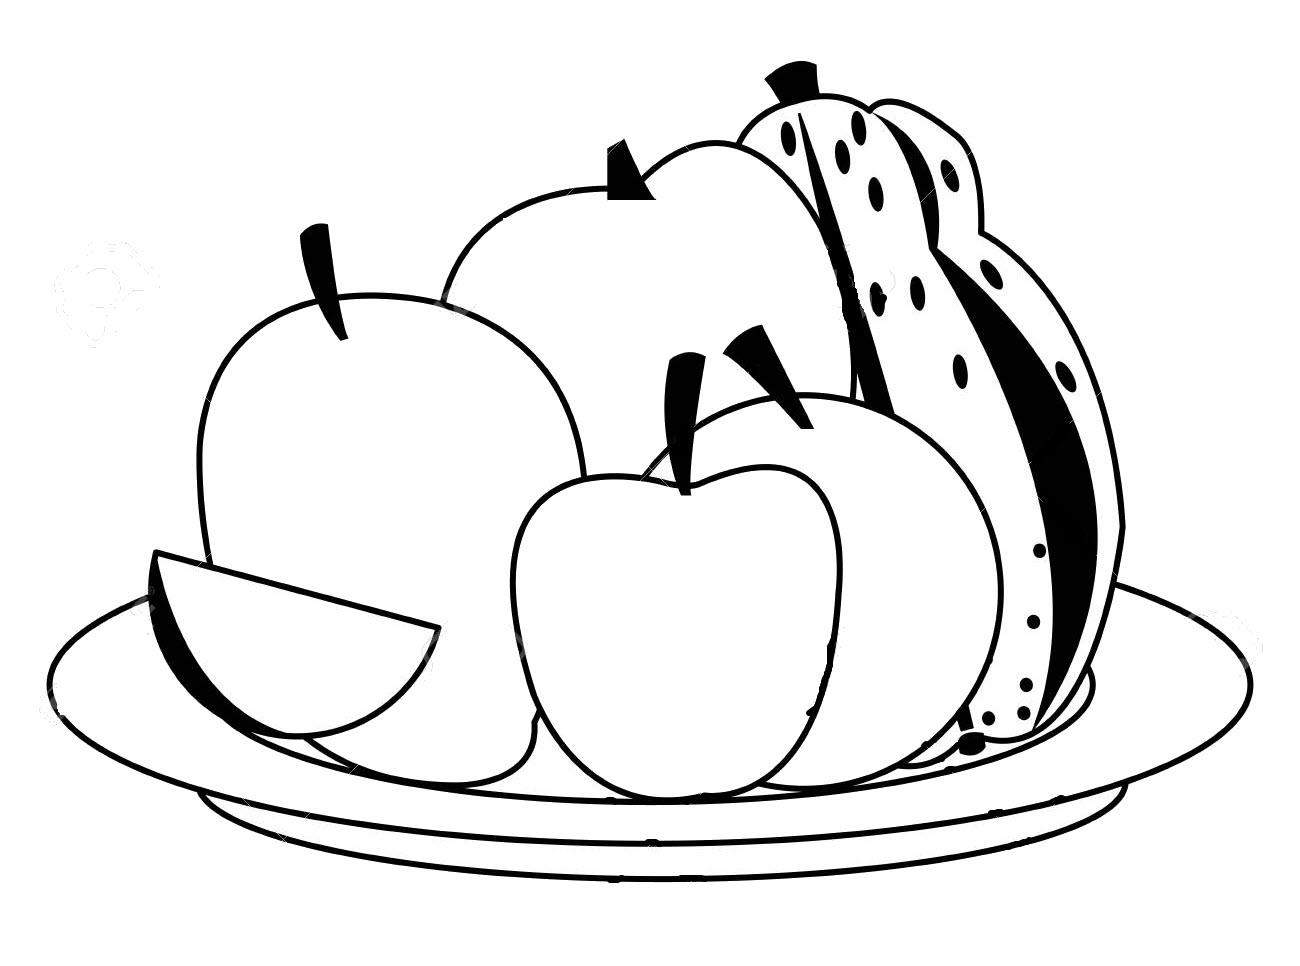 Tranh tô màu xoài và các loại quả khác